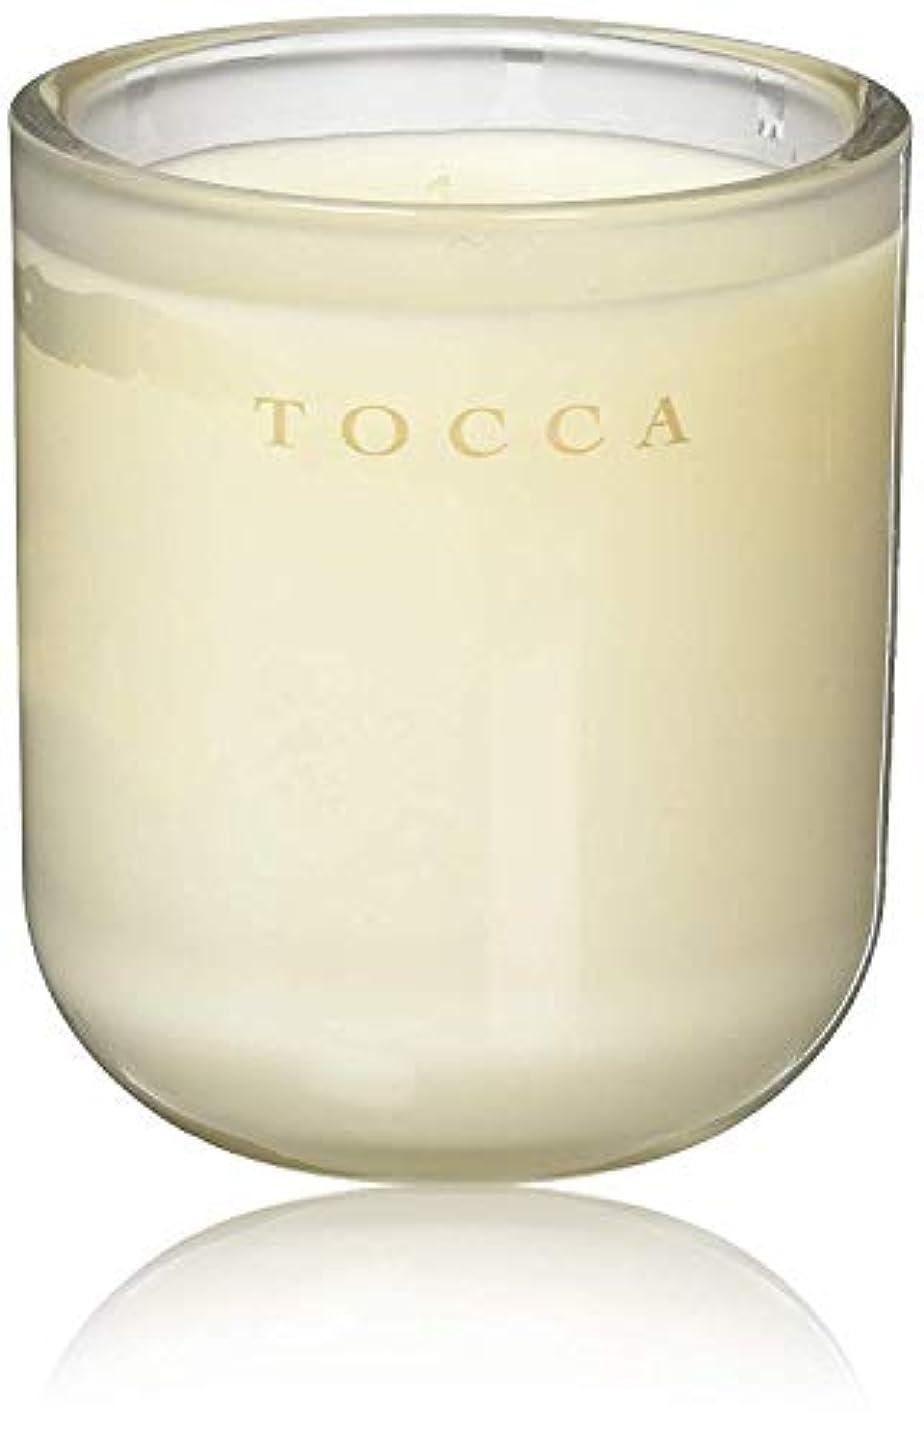 強調する印象派ギャンブルTOCCA(トッカ) ボヤージュ キャンドル カプリ 287g (ろうそく 芳香 柑橘とメロンの魅惑なシトラスな香り)